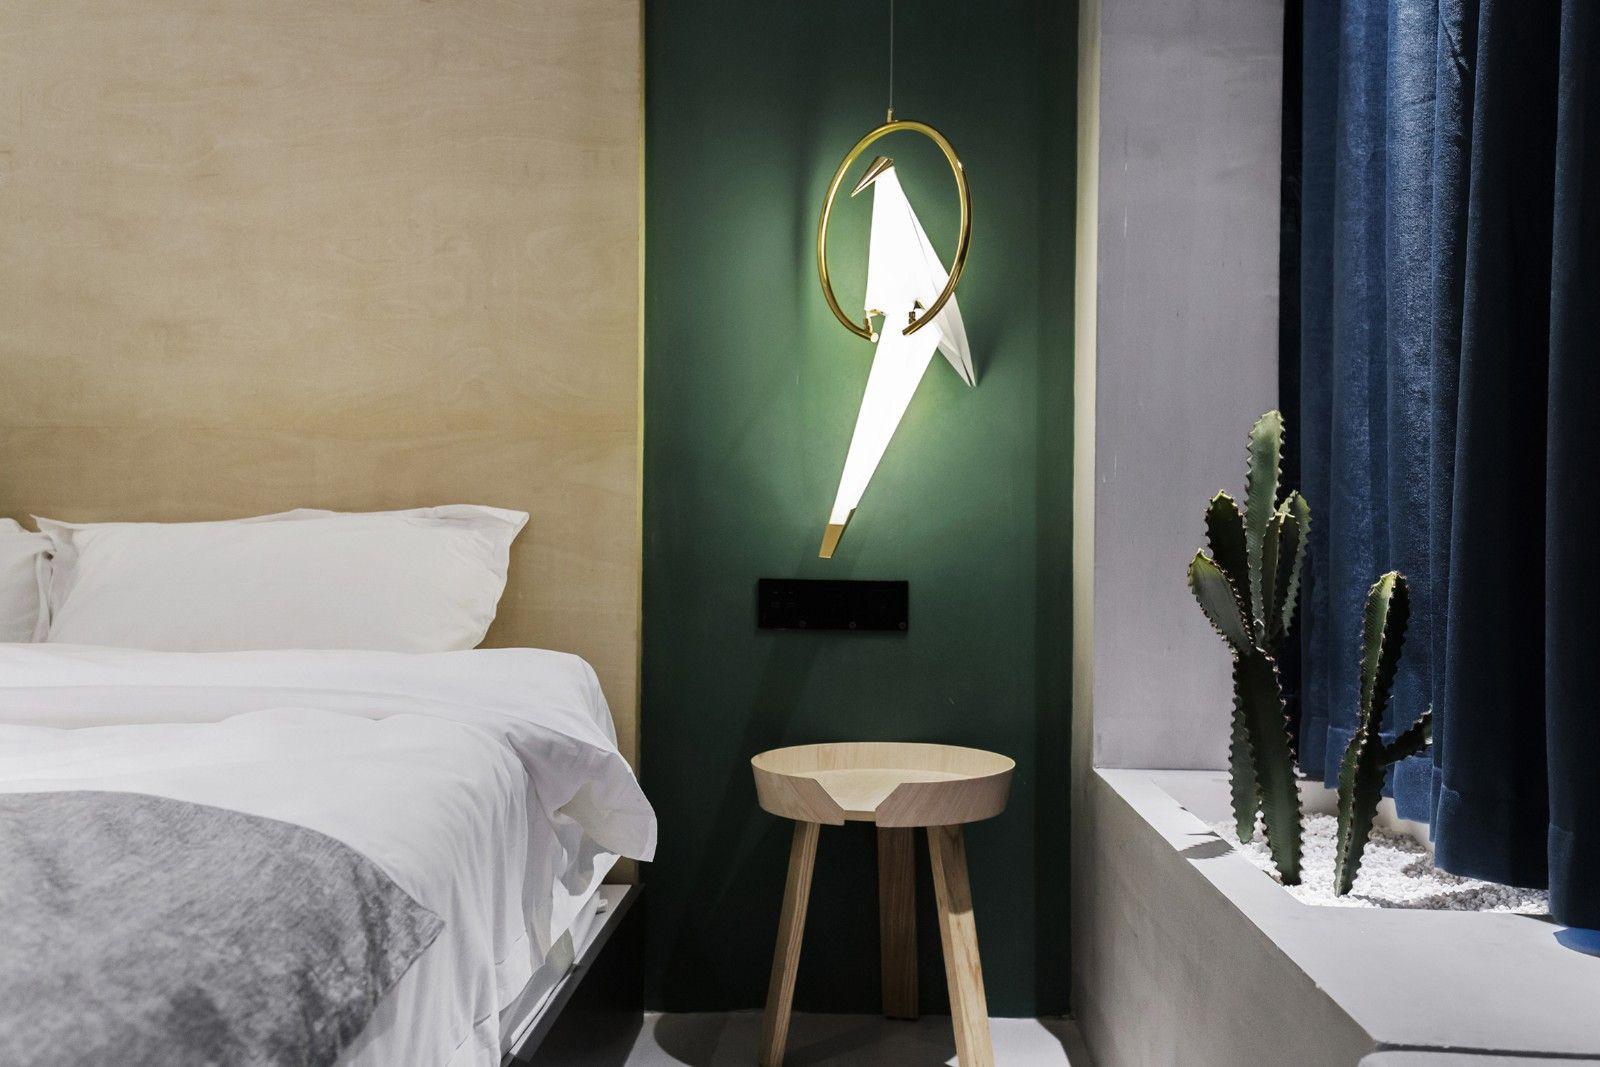 马达加斯加雨林,清新酒店 | 工墨设计